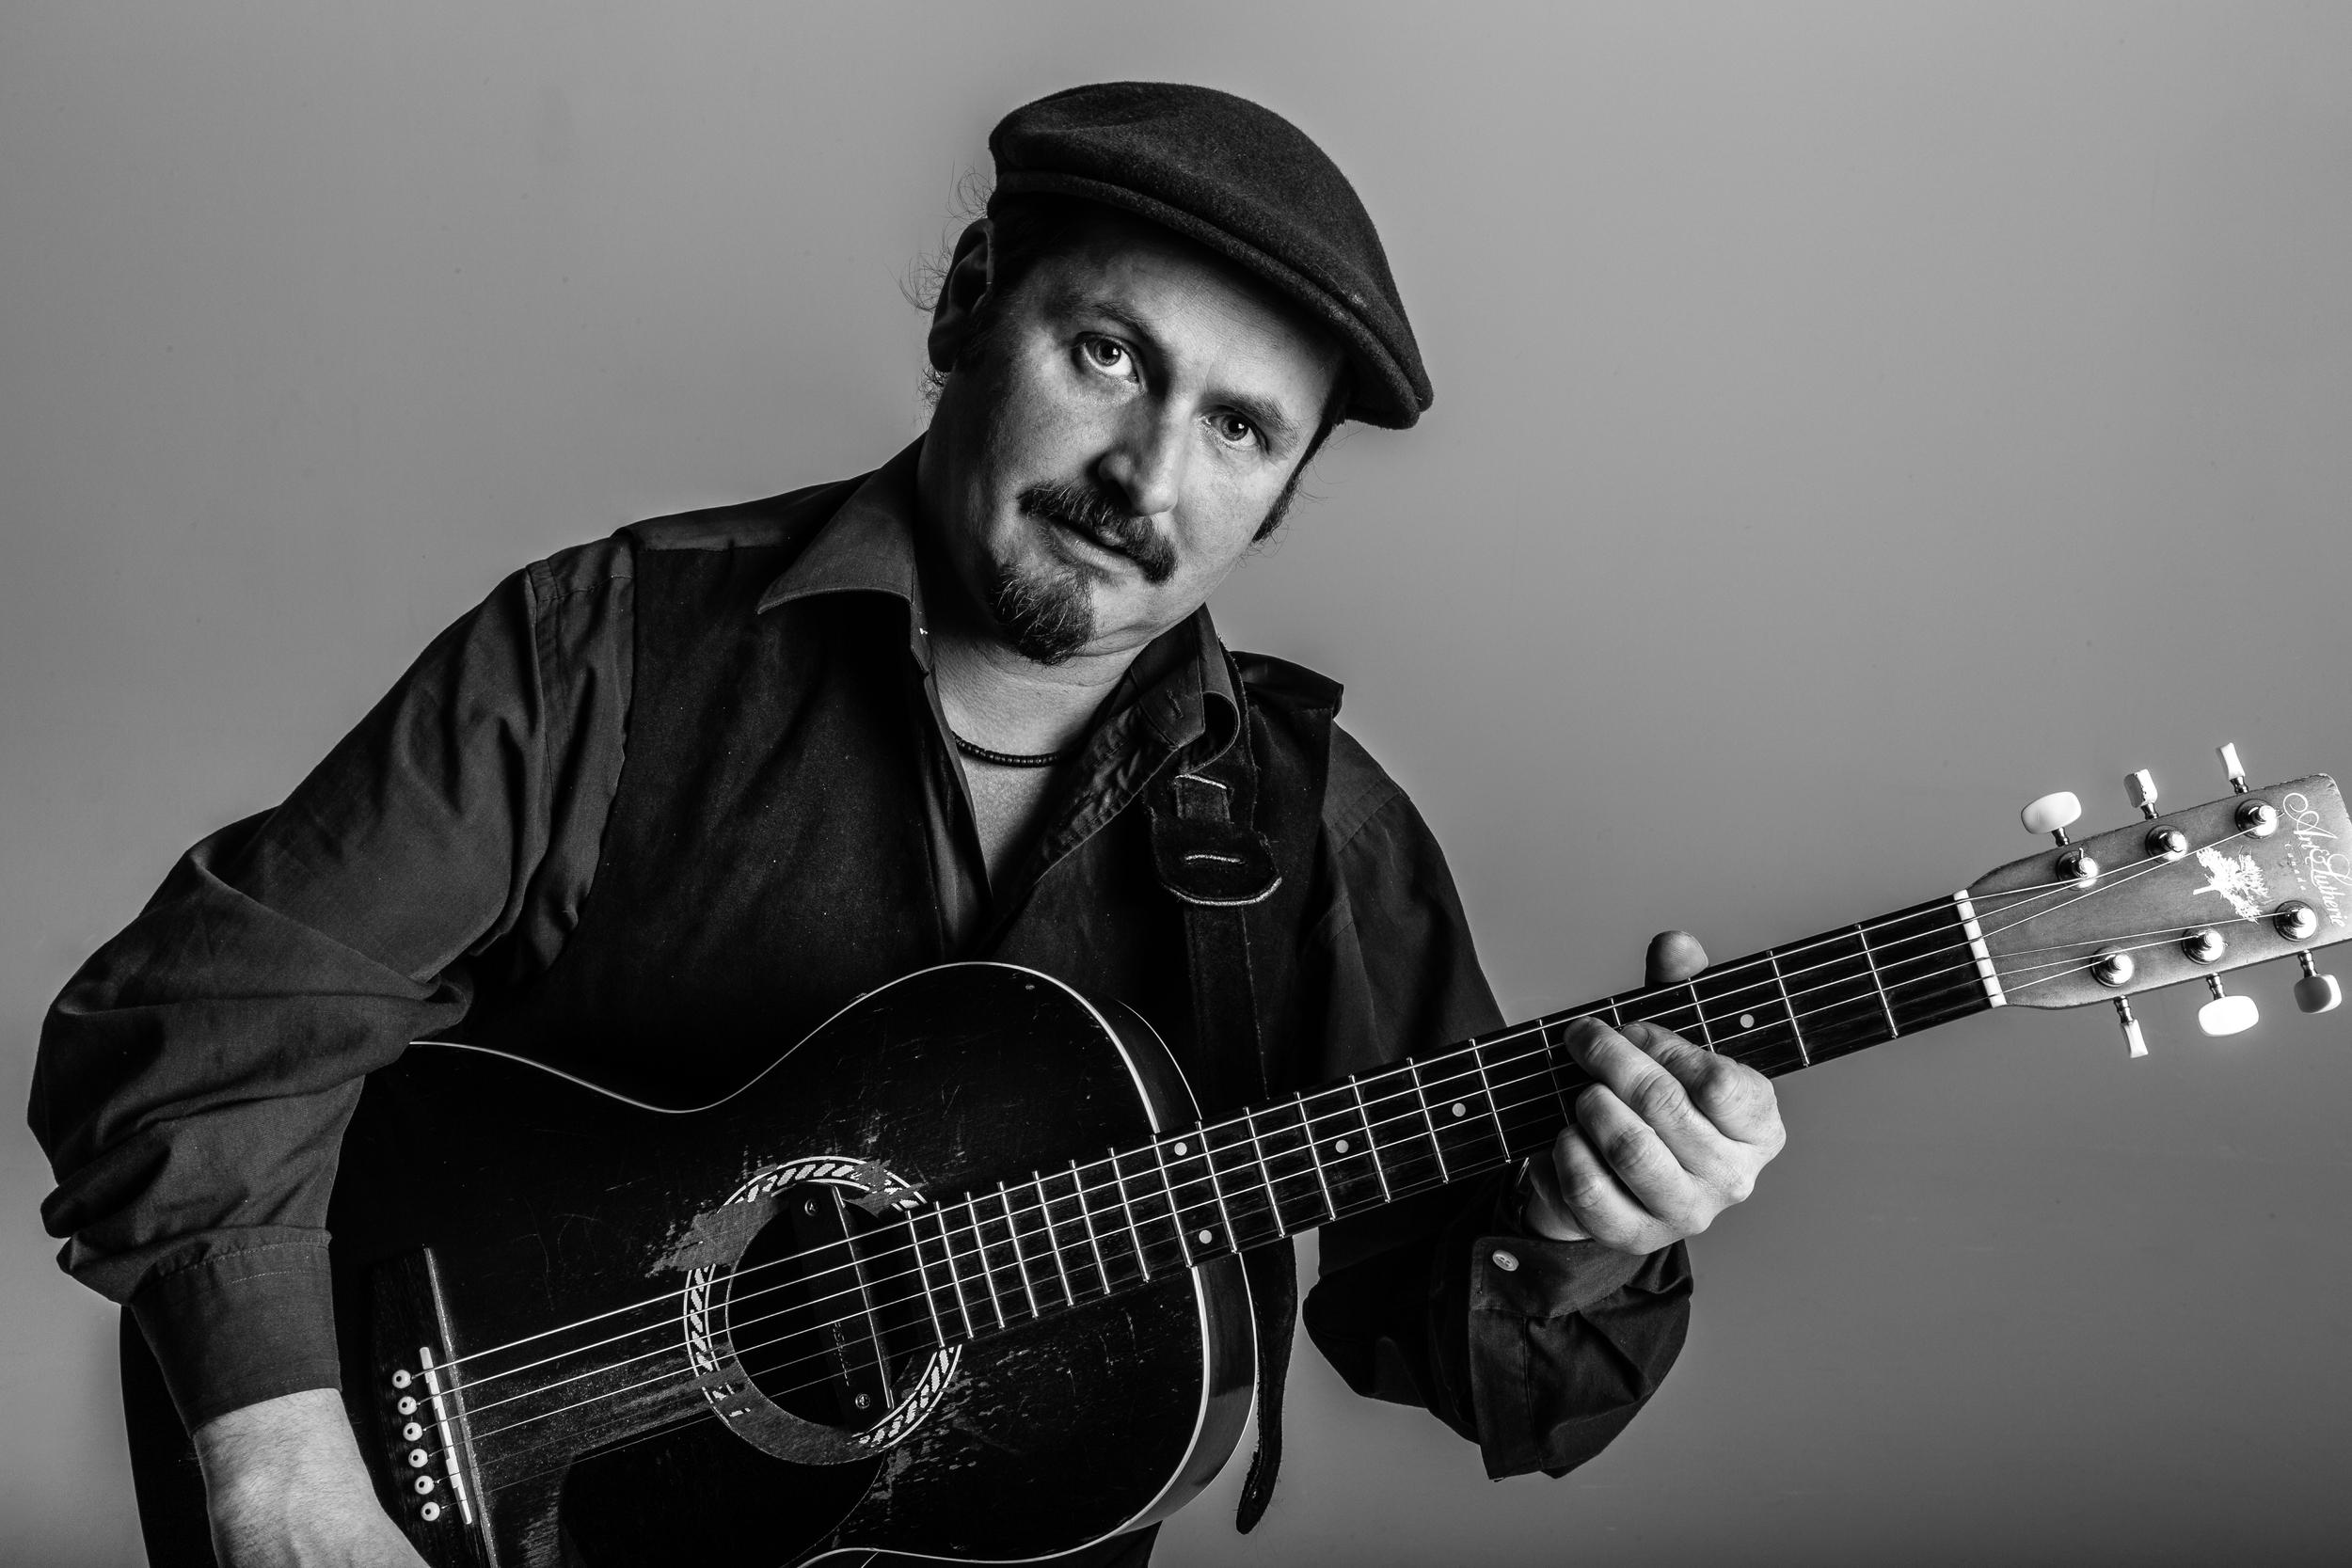 Jon Fletcher - Singer Songwriter